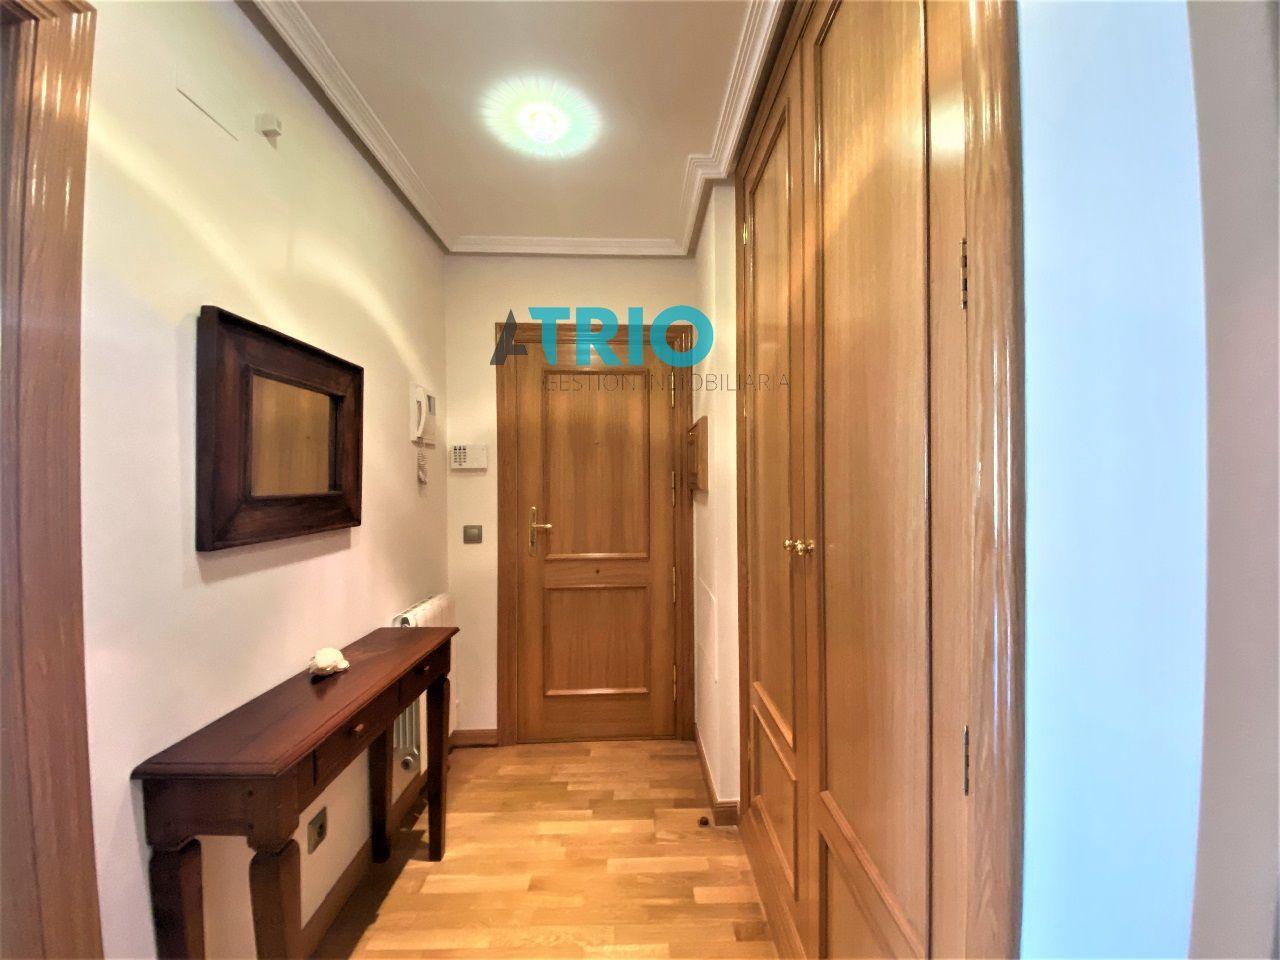 dia.mobiliagestion.es/Portals/inmoatrio/Images/6446/4132096